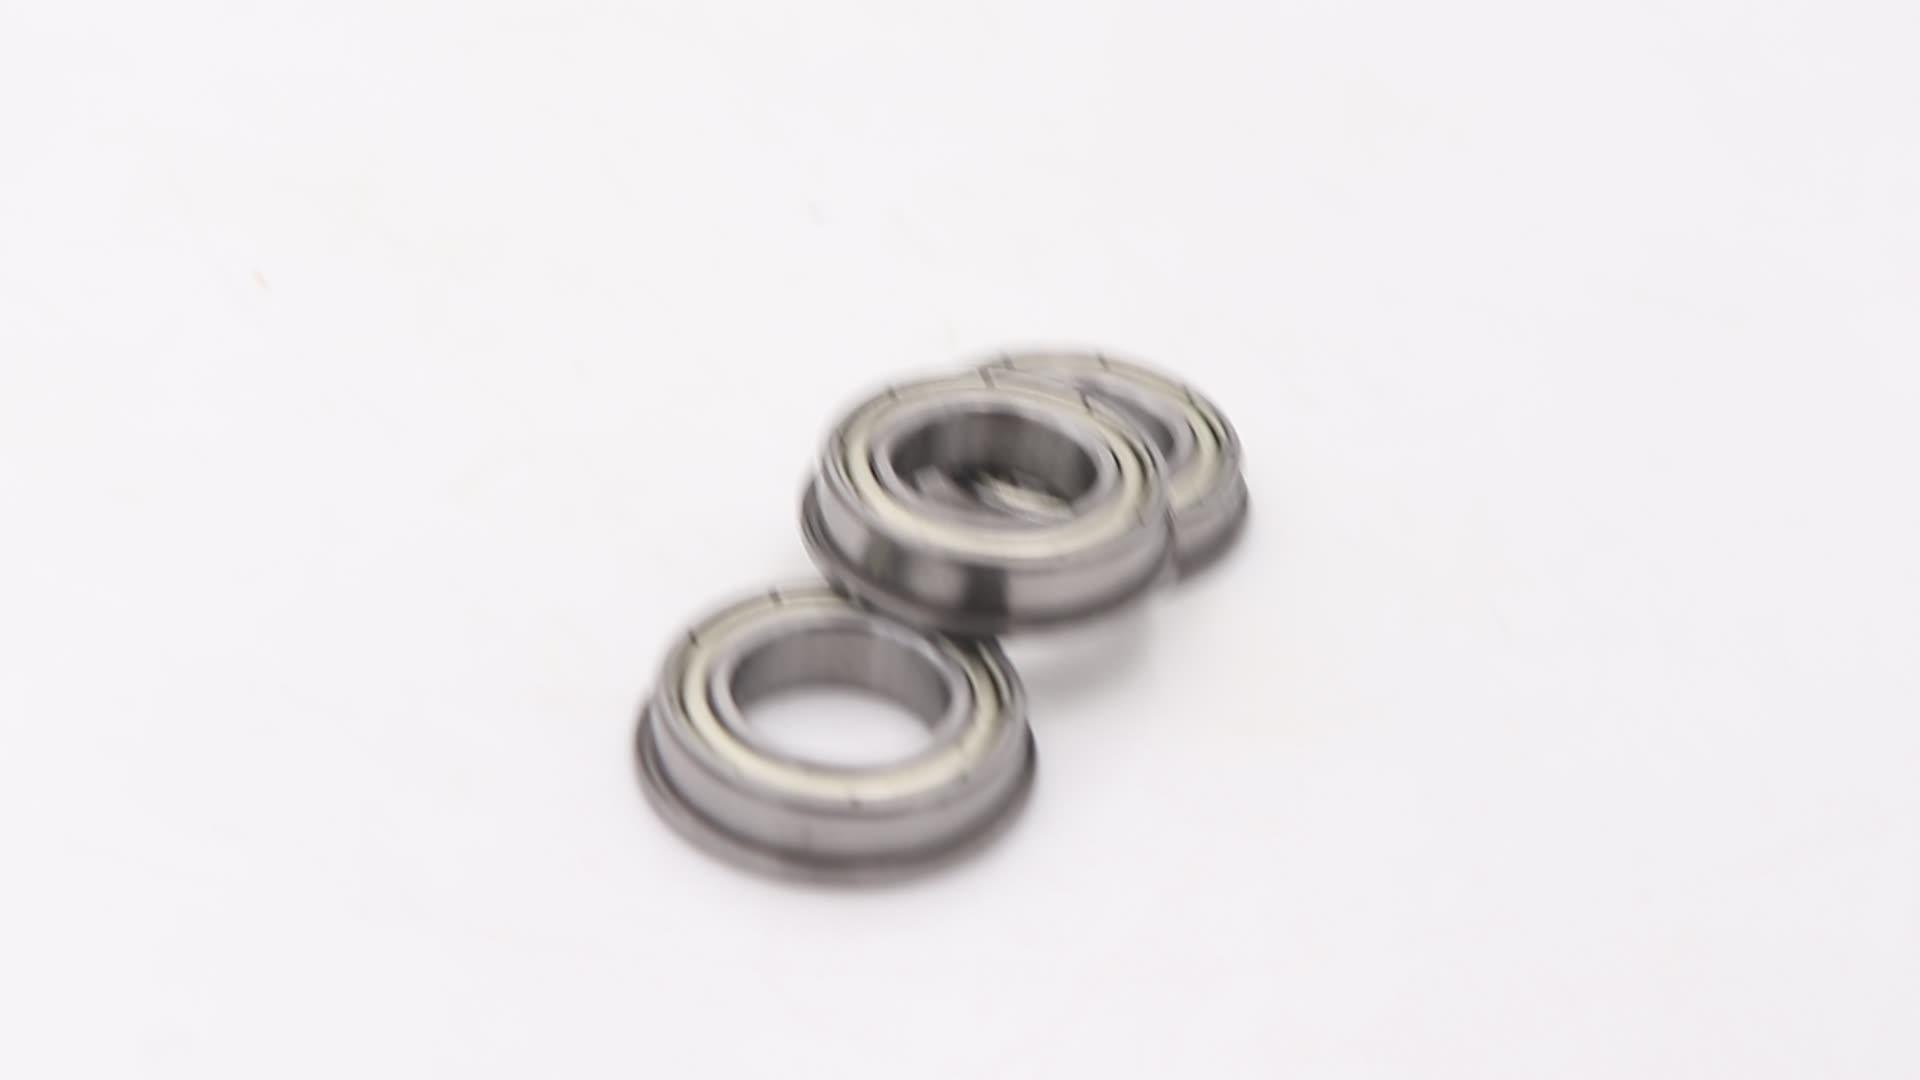 F625 Flange Bearing ball bearing used on sewing machine f625-zz